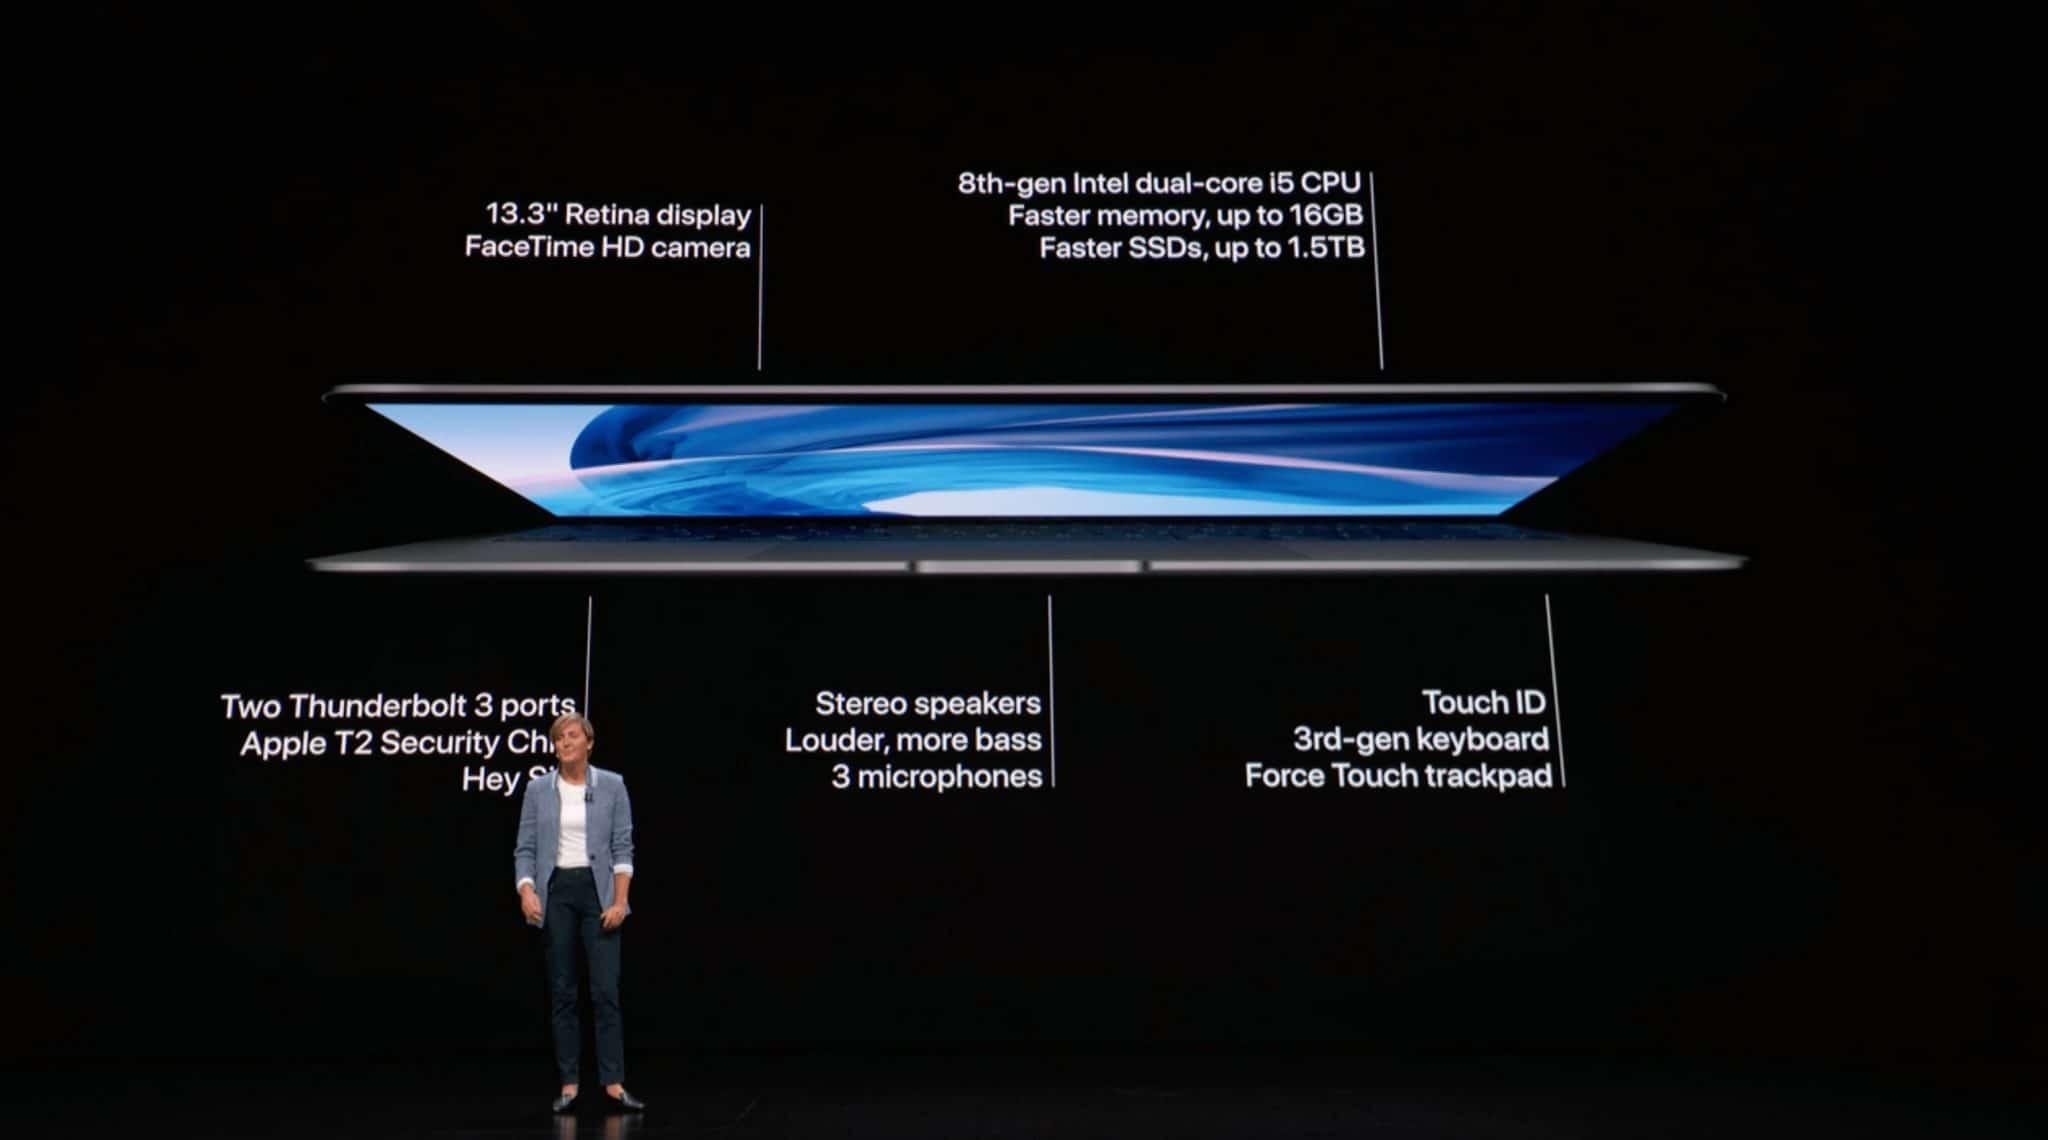 تعرف علي كل ما اعلنت عنه Apple في مؤتمرها الأخير 2